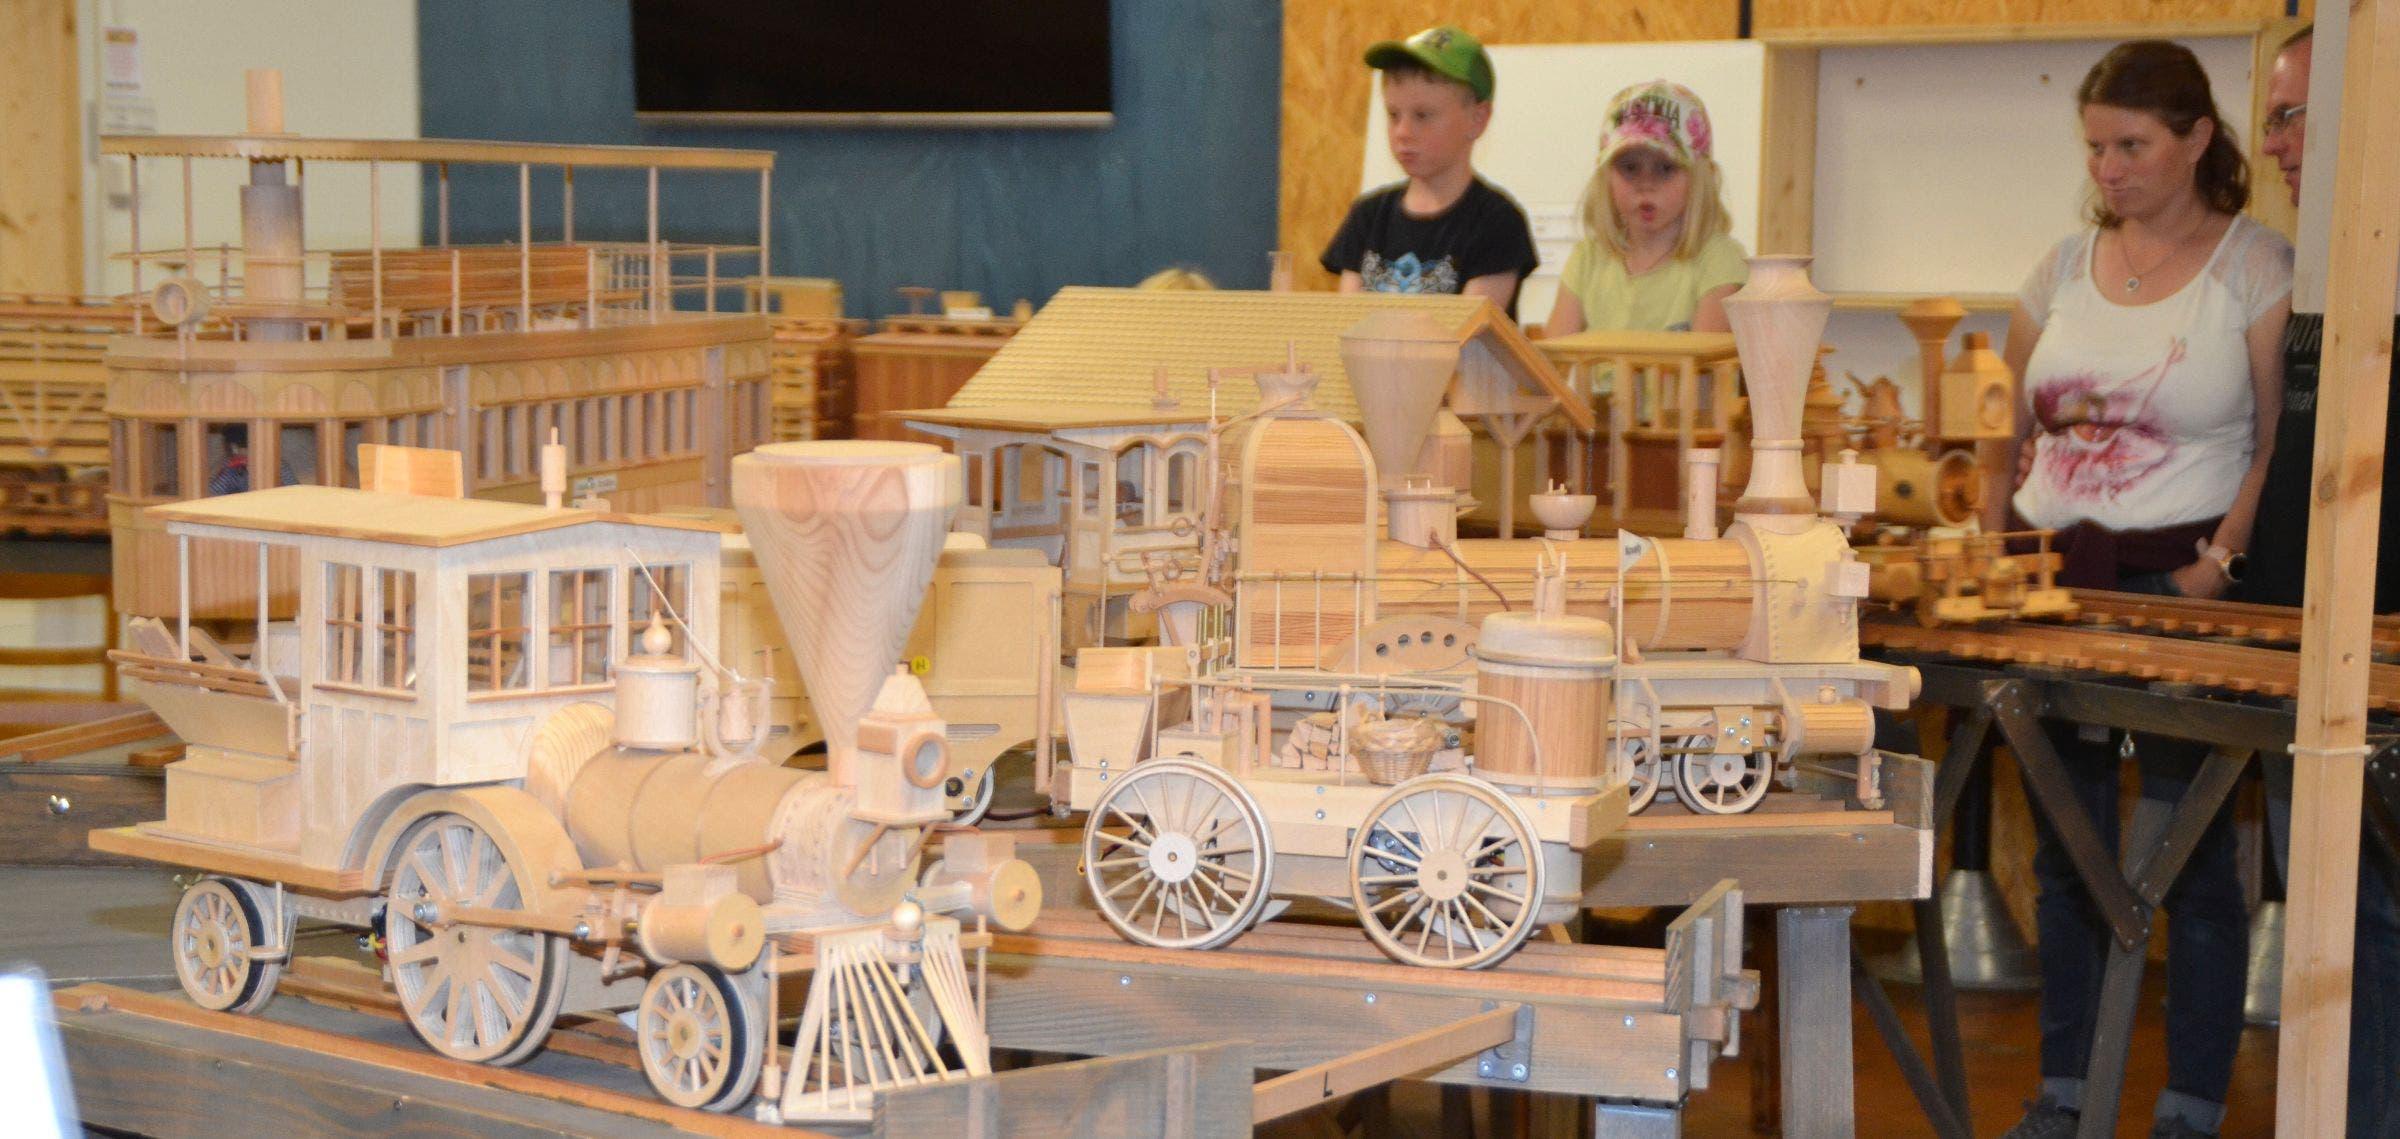 Die Holz-Modelleisenbahn wird bewundert.